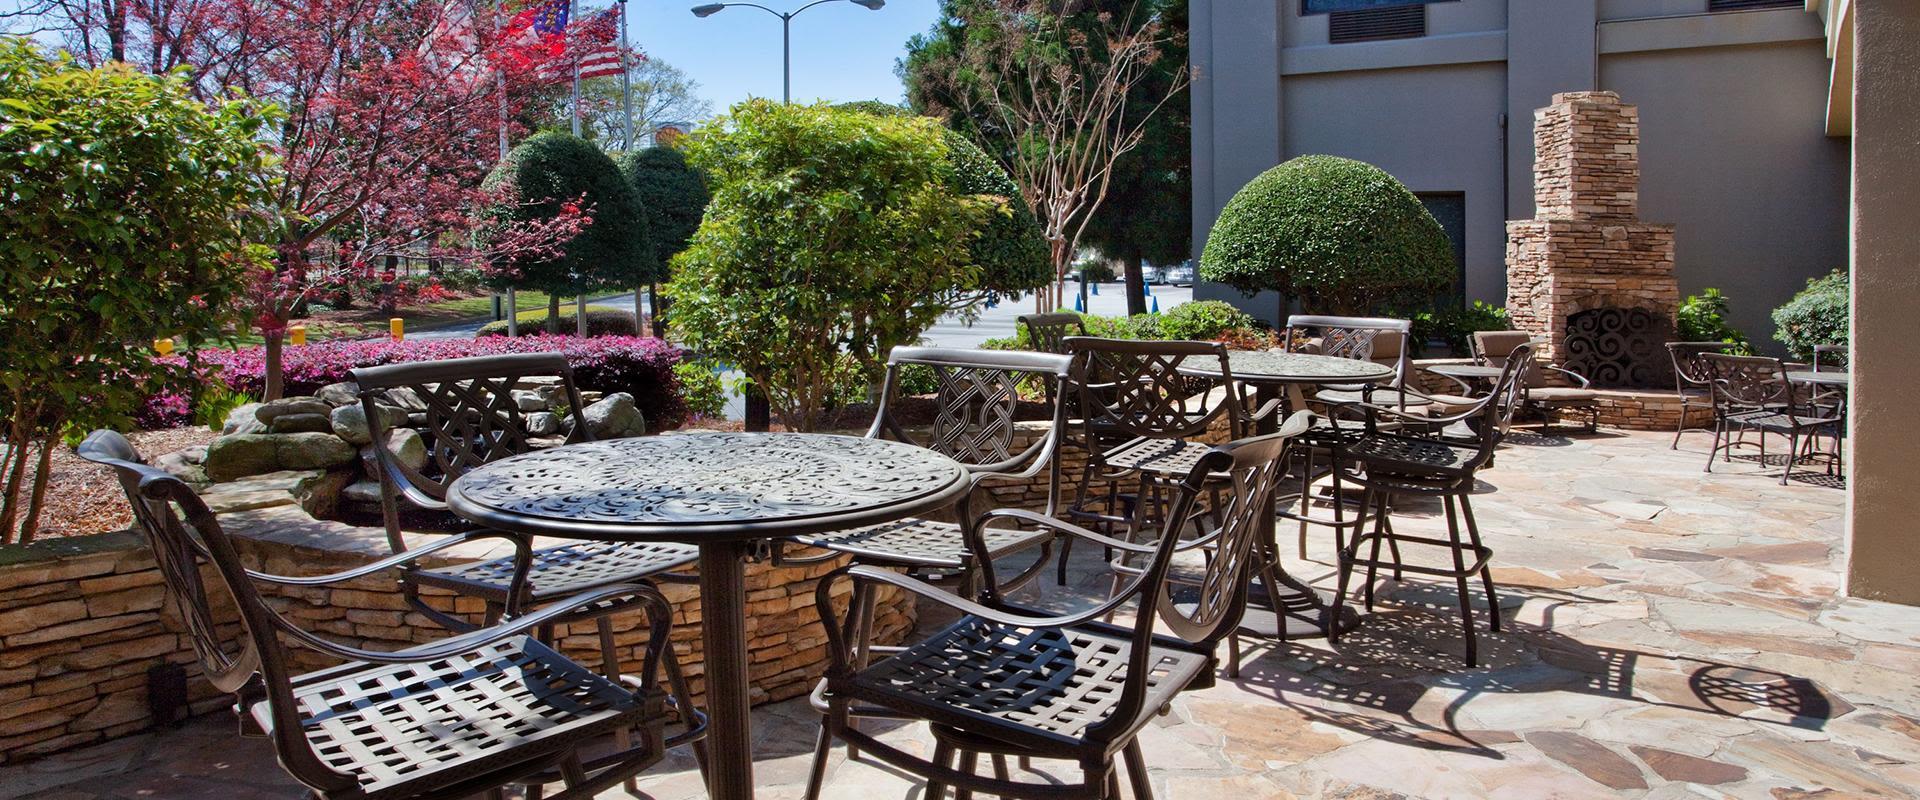 Atlanta Airport Hotel Patio Hightop Tables